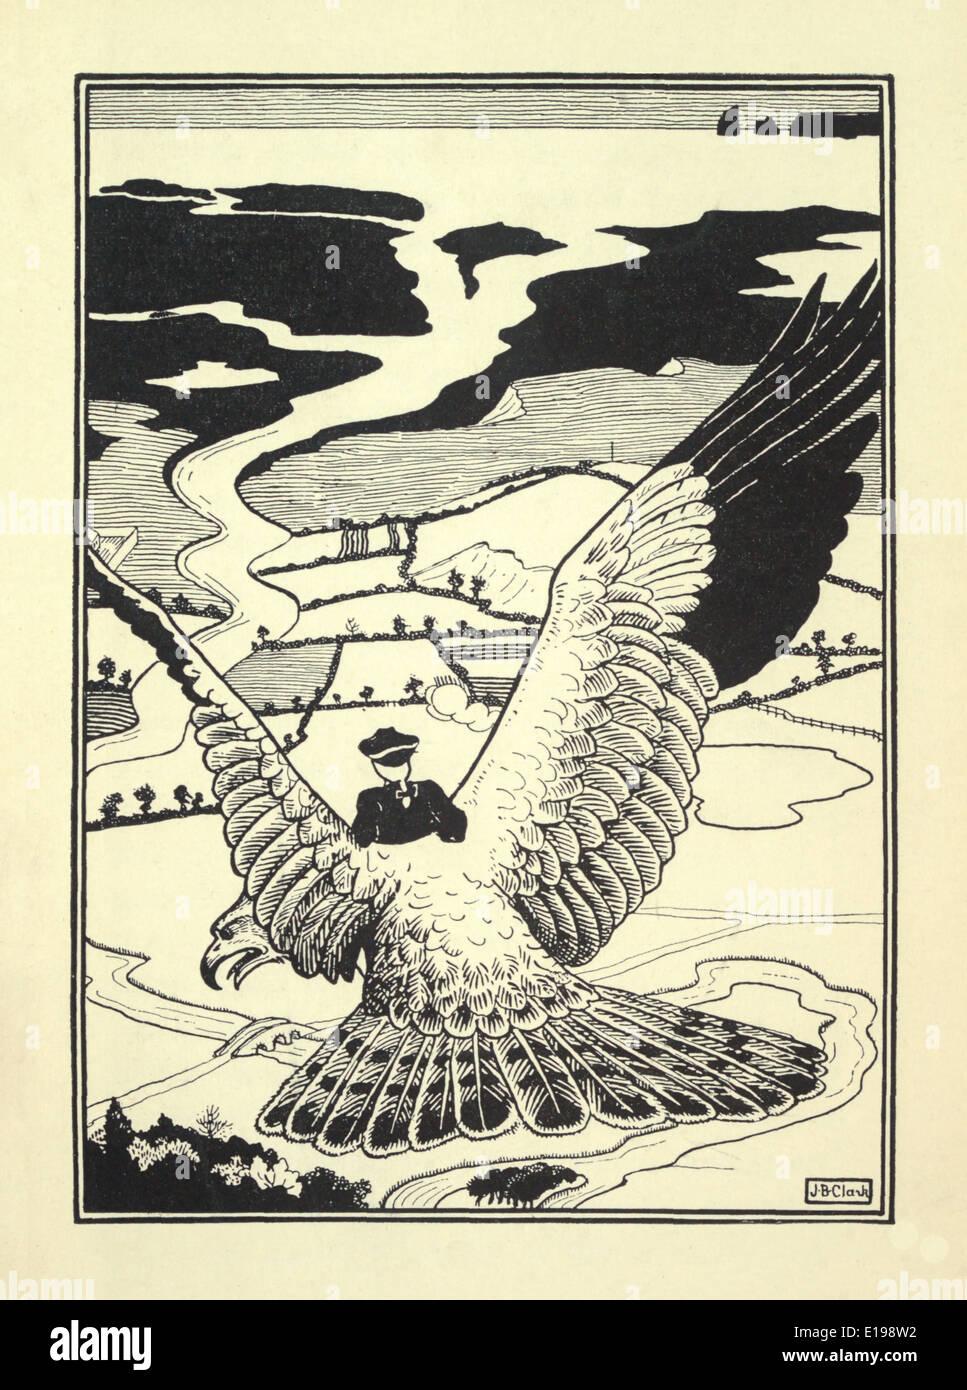 """J. B. Clark ilustración de 'las sorprendentes aventuras del barón de Munchausen"""" por Rudoph Raspe publicada en 1895. Foto de stock"""